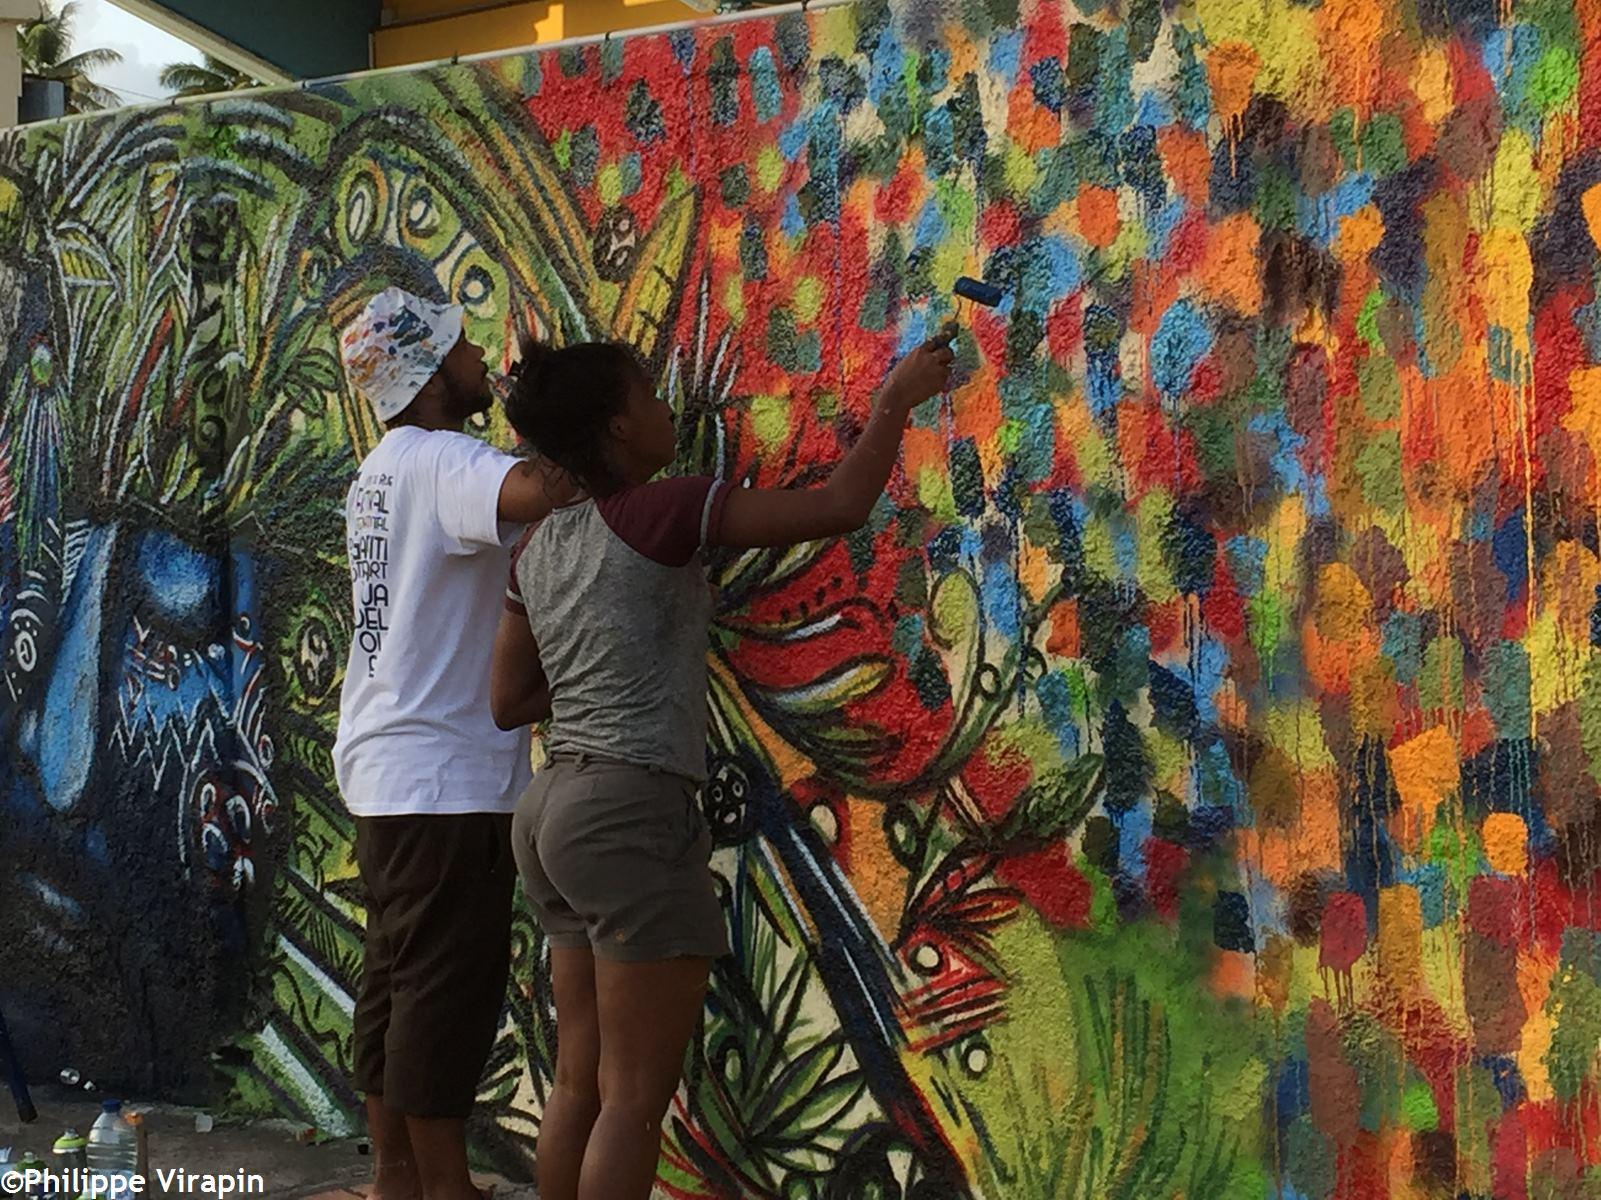 Festival Graffiti & Street Art Gpe 2017 - 22 F